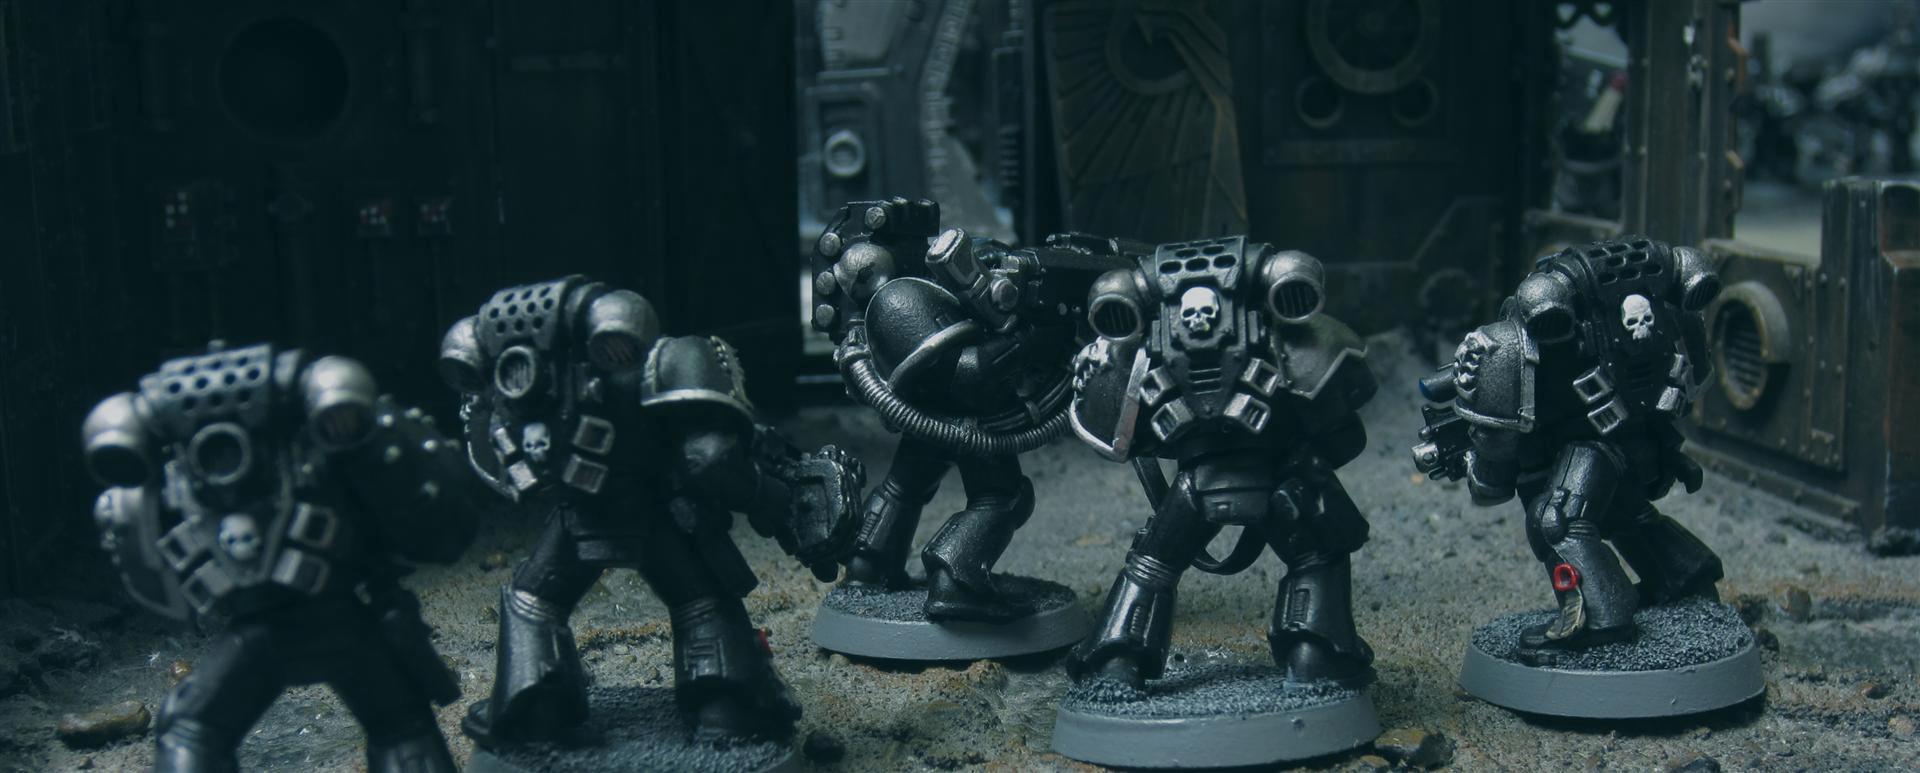 Alien Hunter, Alien Hunters, Black Shields, Blackshields, Death Watch, Deathwatch, Inquisition, Inquisitor, Kill Team, Killteam, Lascannon, Ordos, Ordos Xenos, Space Marines, Warhammer 40,000